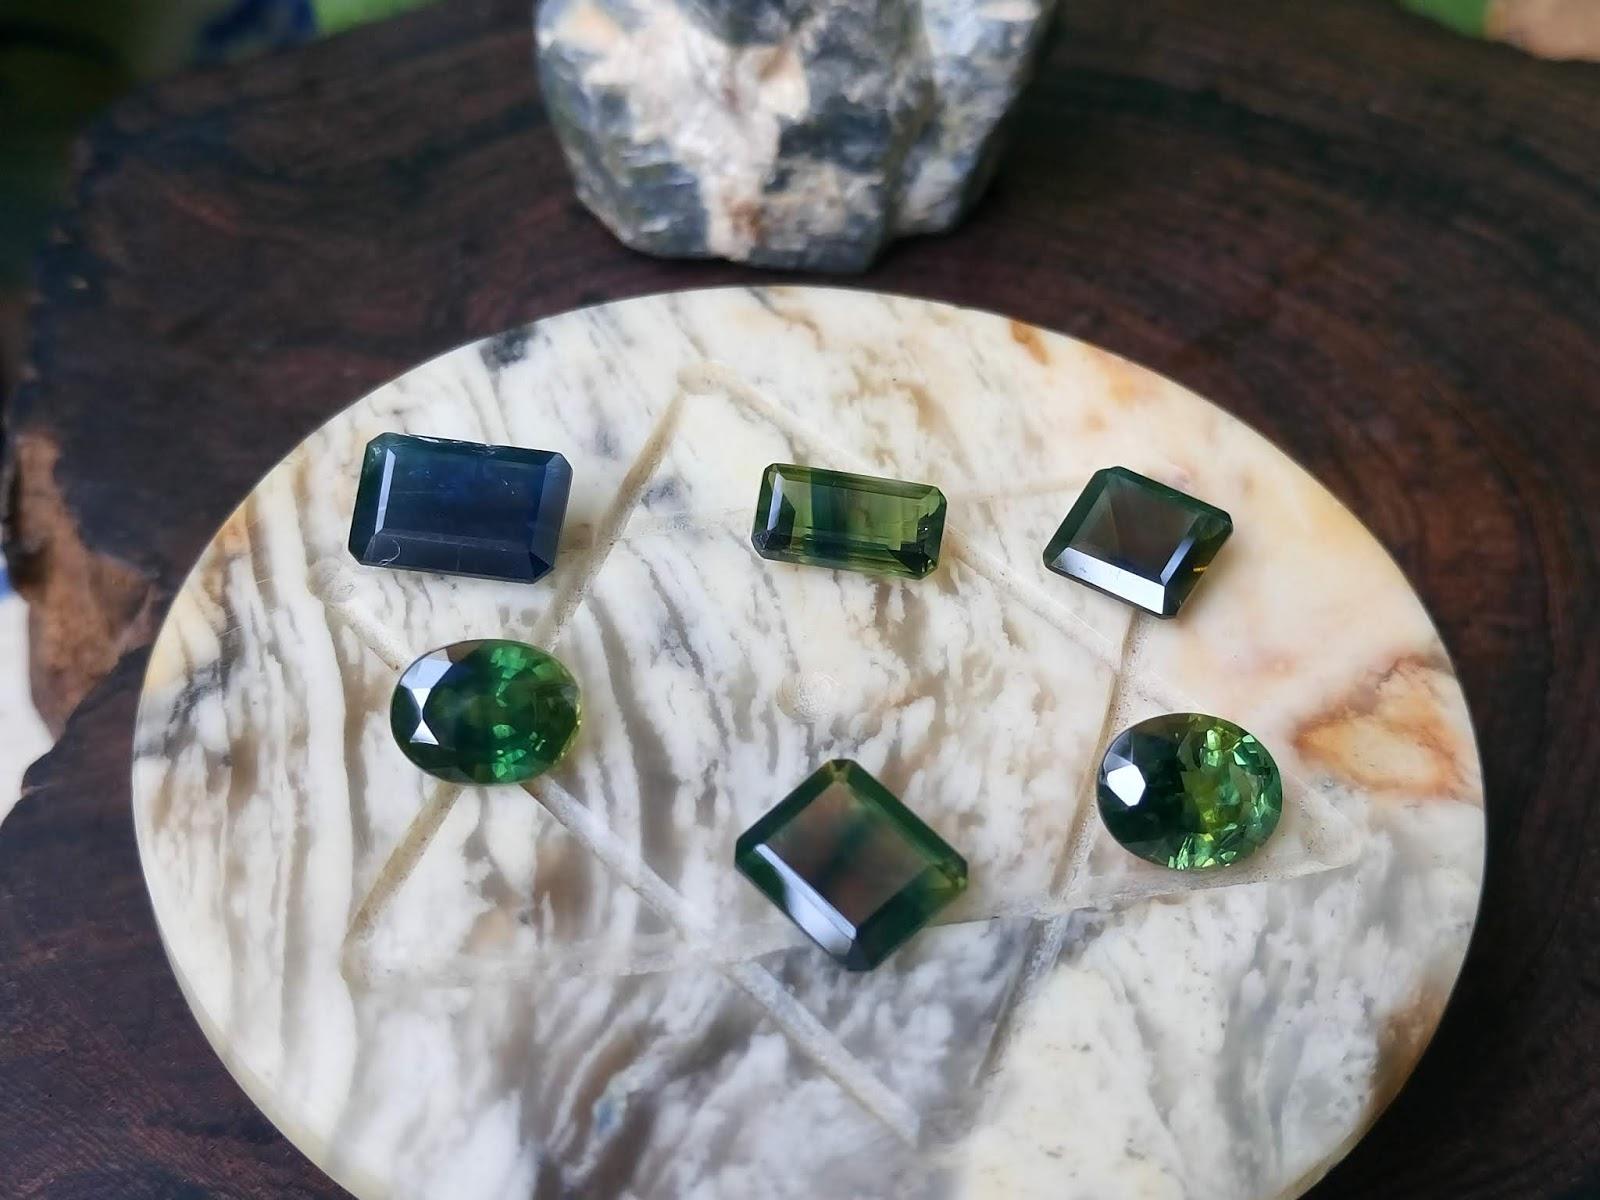 Đá Sapphire thiên nhiên, Natural Sapphire xanh lục và xanh Hero hàng sống không xử lý